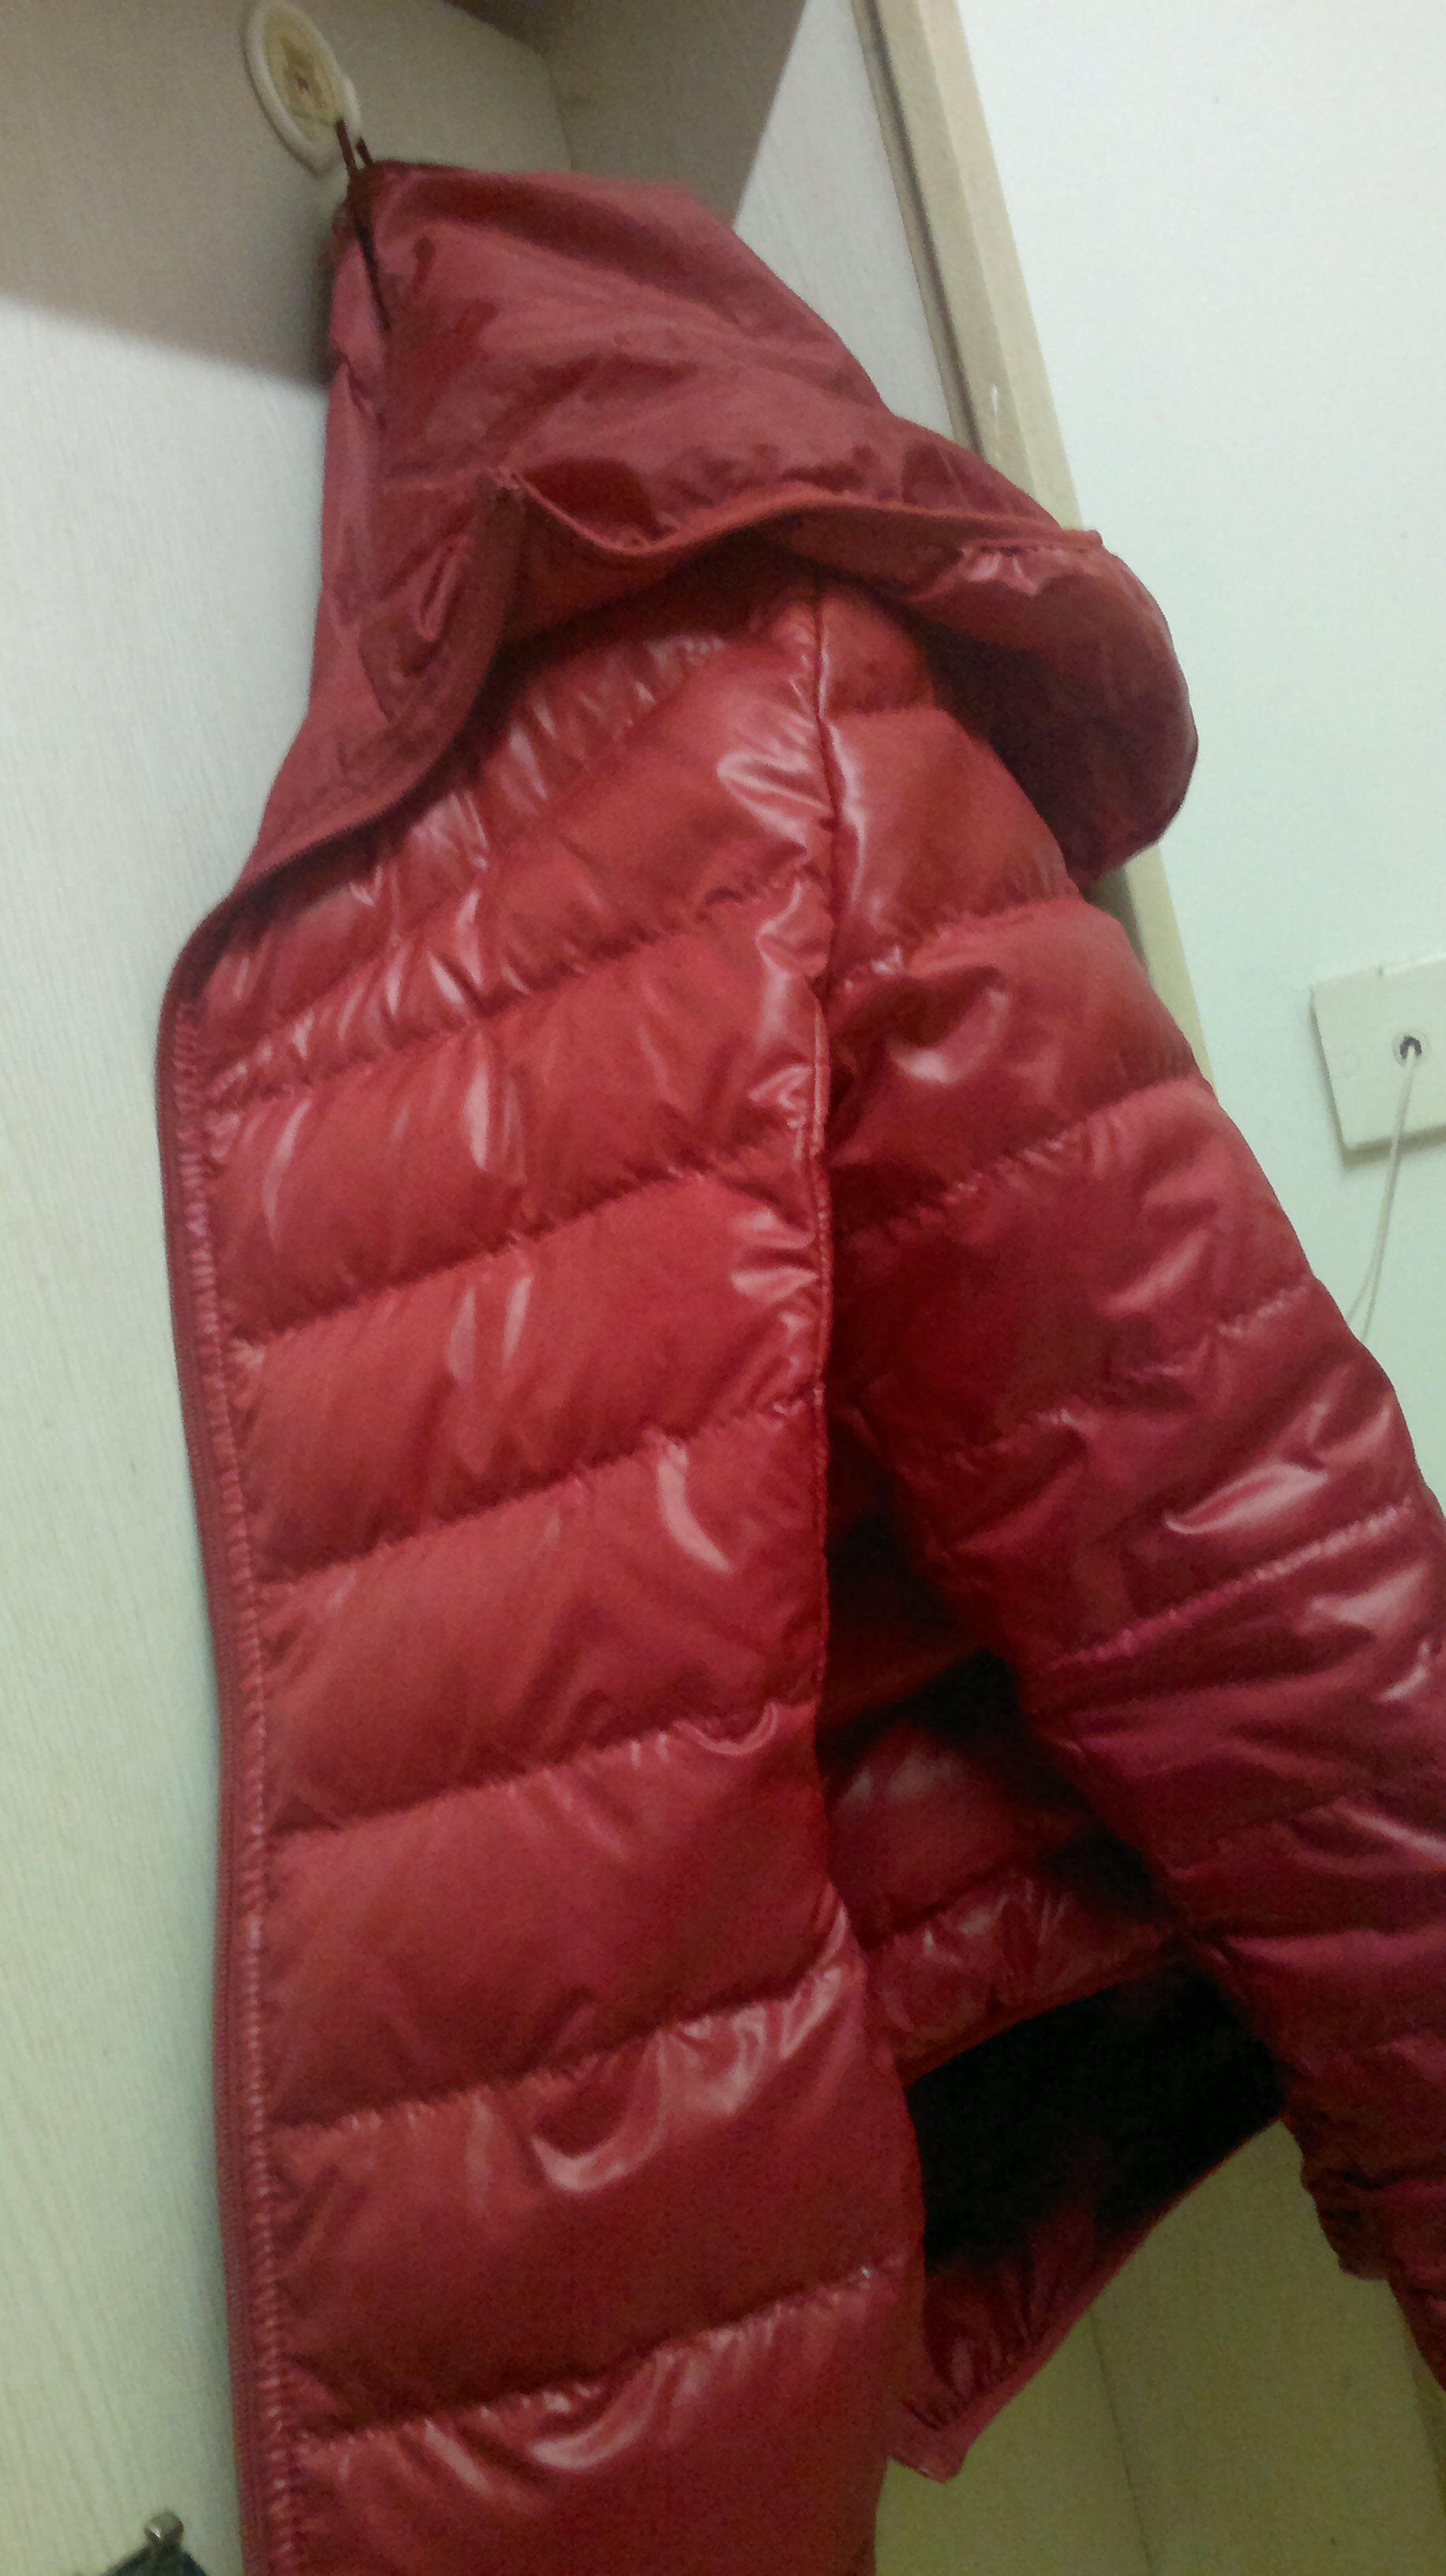 男士红色衣服配什么颜色样式的围巾好看图片